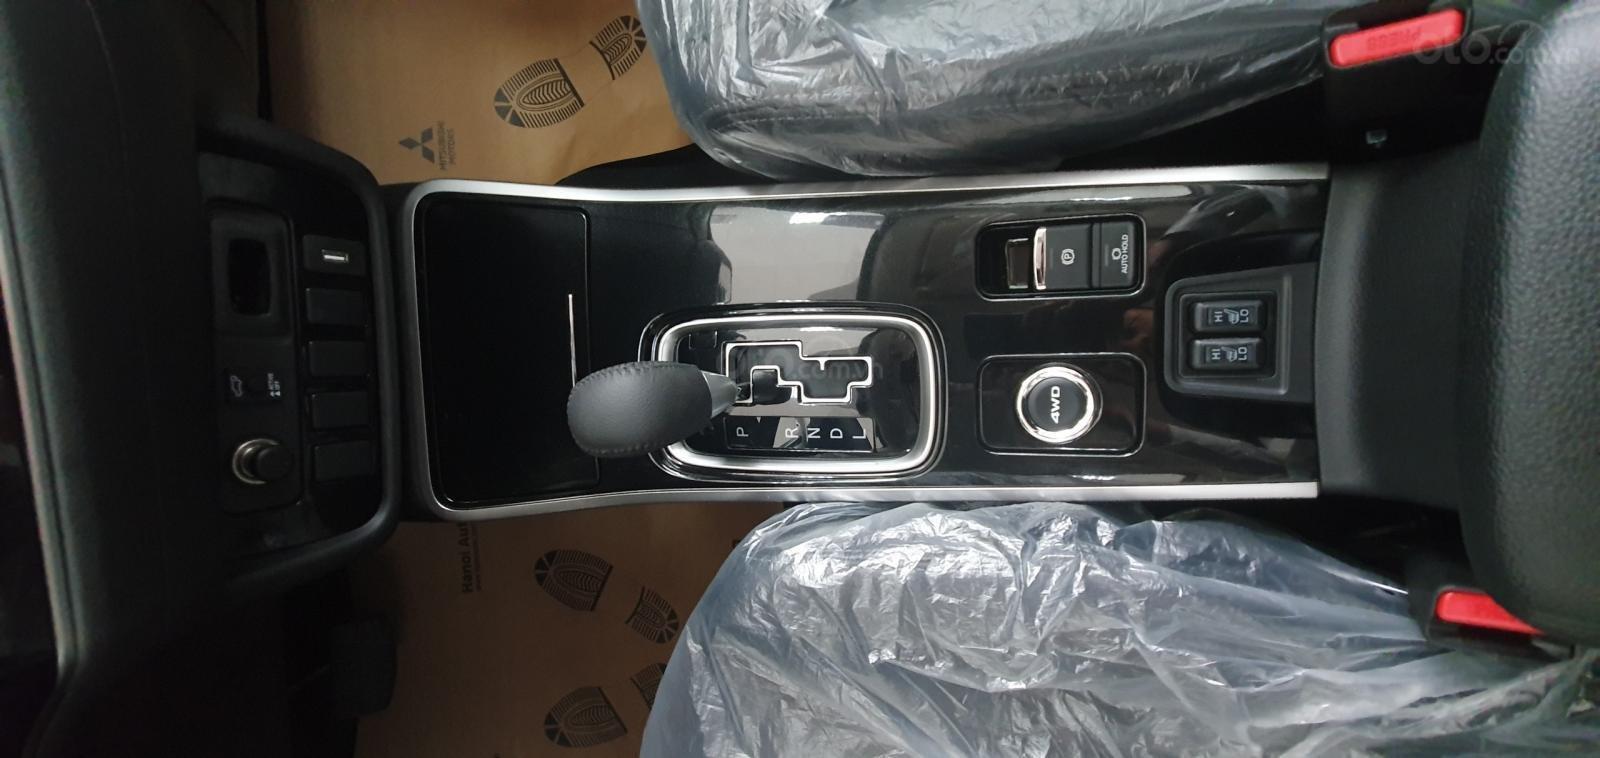 Cần bán xe Mitsubishi Outlander 2.4 đời 2019, màu xám (ghi), giá siêu tốt LH 0934515226-6